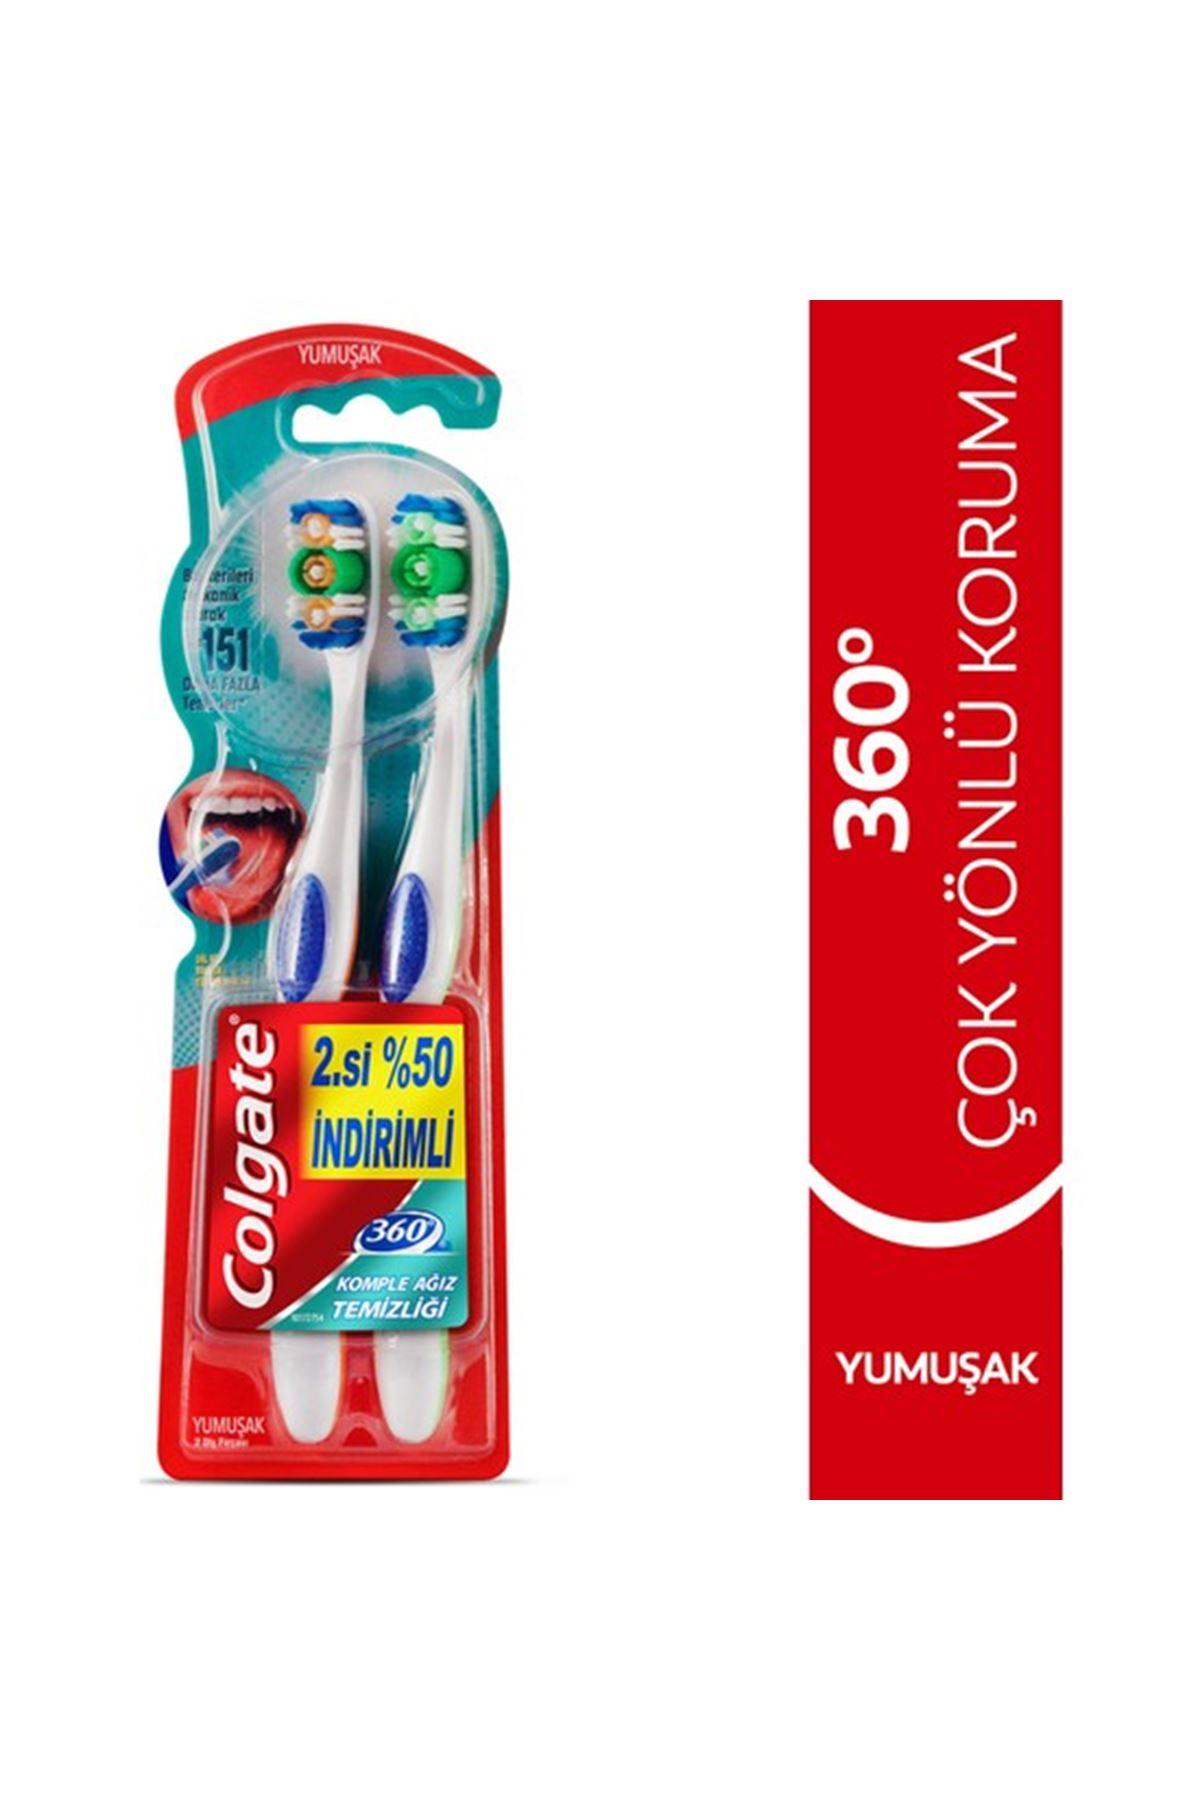 Colgate 360 Komple Ağız Temizliği Yumuşak 1+1 Diş Fırçası